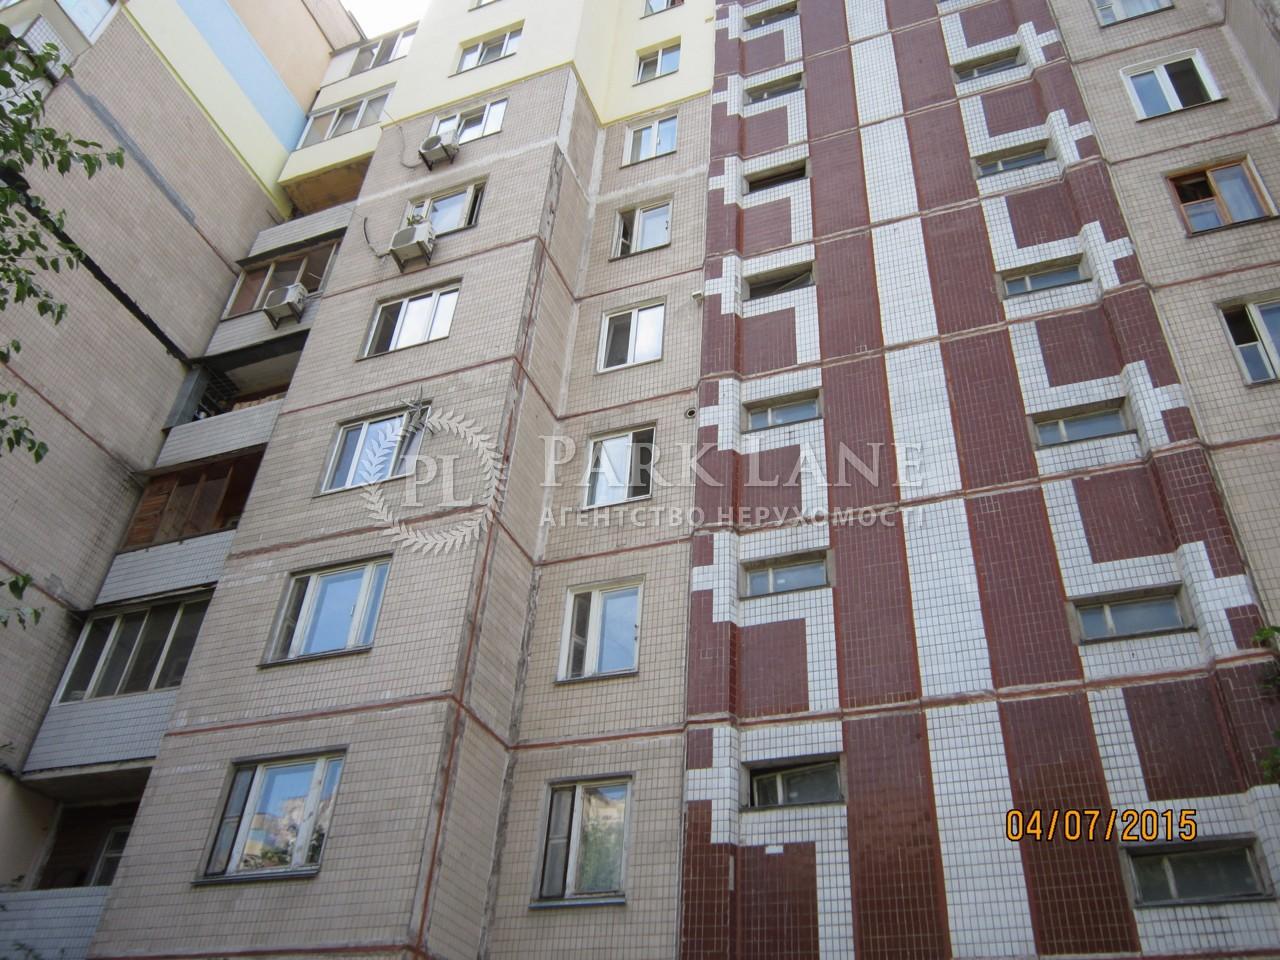 Нежитлове приміщення, вул. Кудряшова, Київ, H-33370 - Фото 10